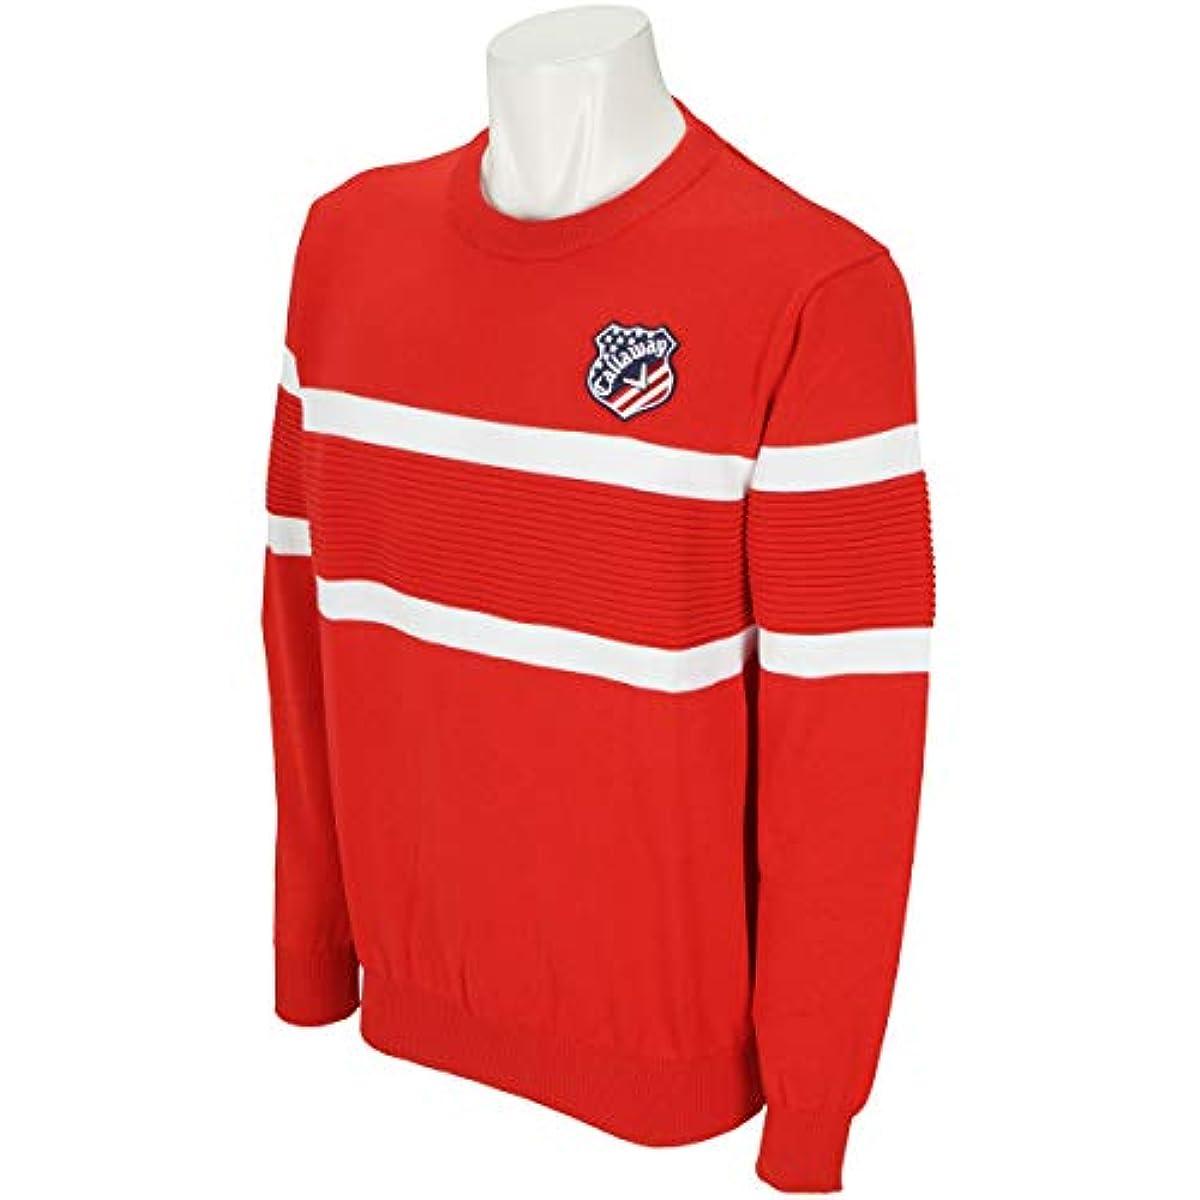 [해외] 캘러웨이고르프 CALLAWAY GOLF 중건착(스웨터,트레이너) 패널 보더 쿨 넥 스웨터